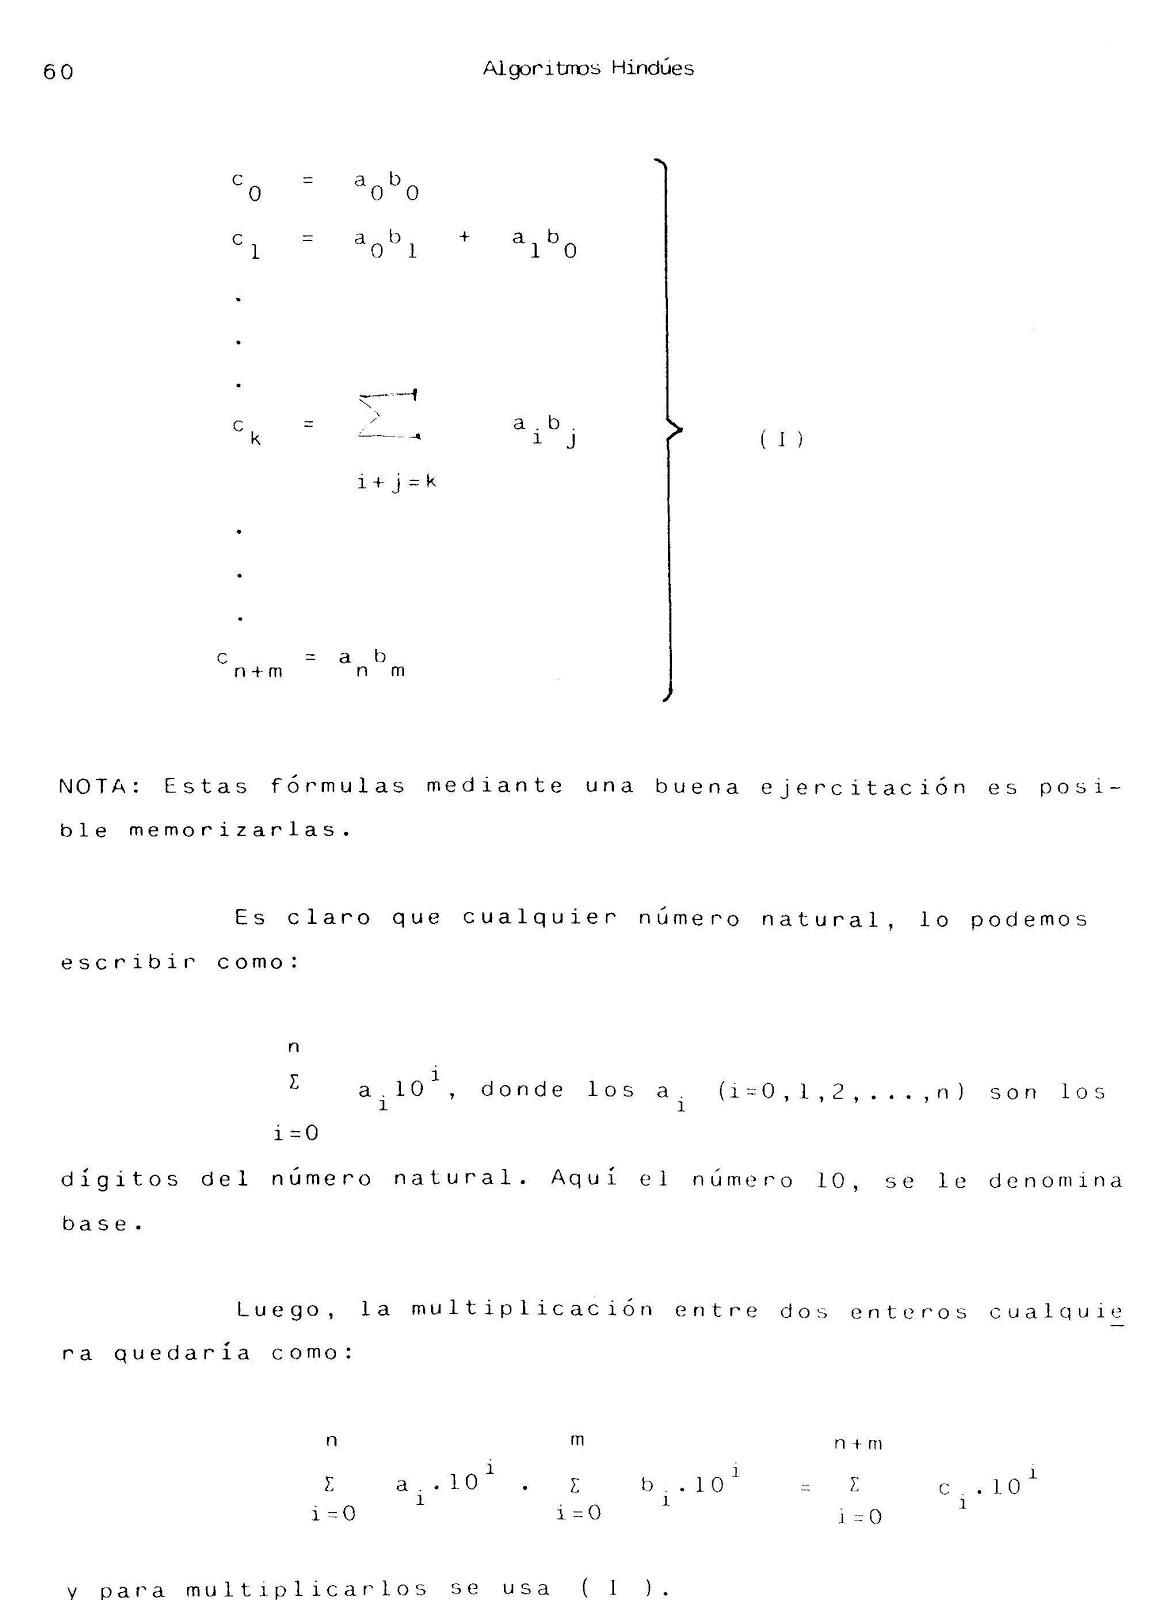 Algoritmos Hindúes_6_0001.jpg